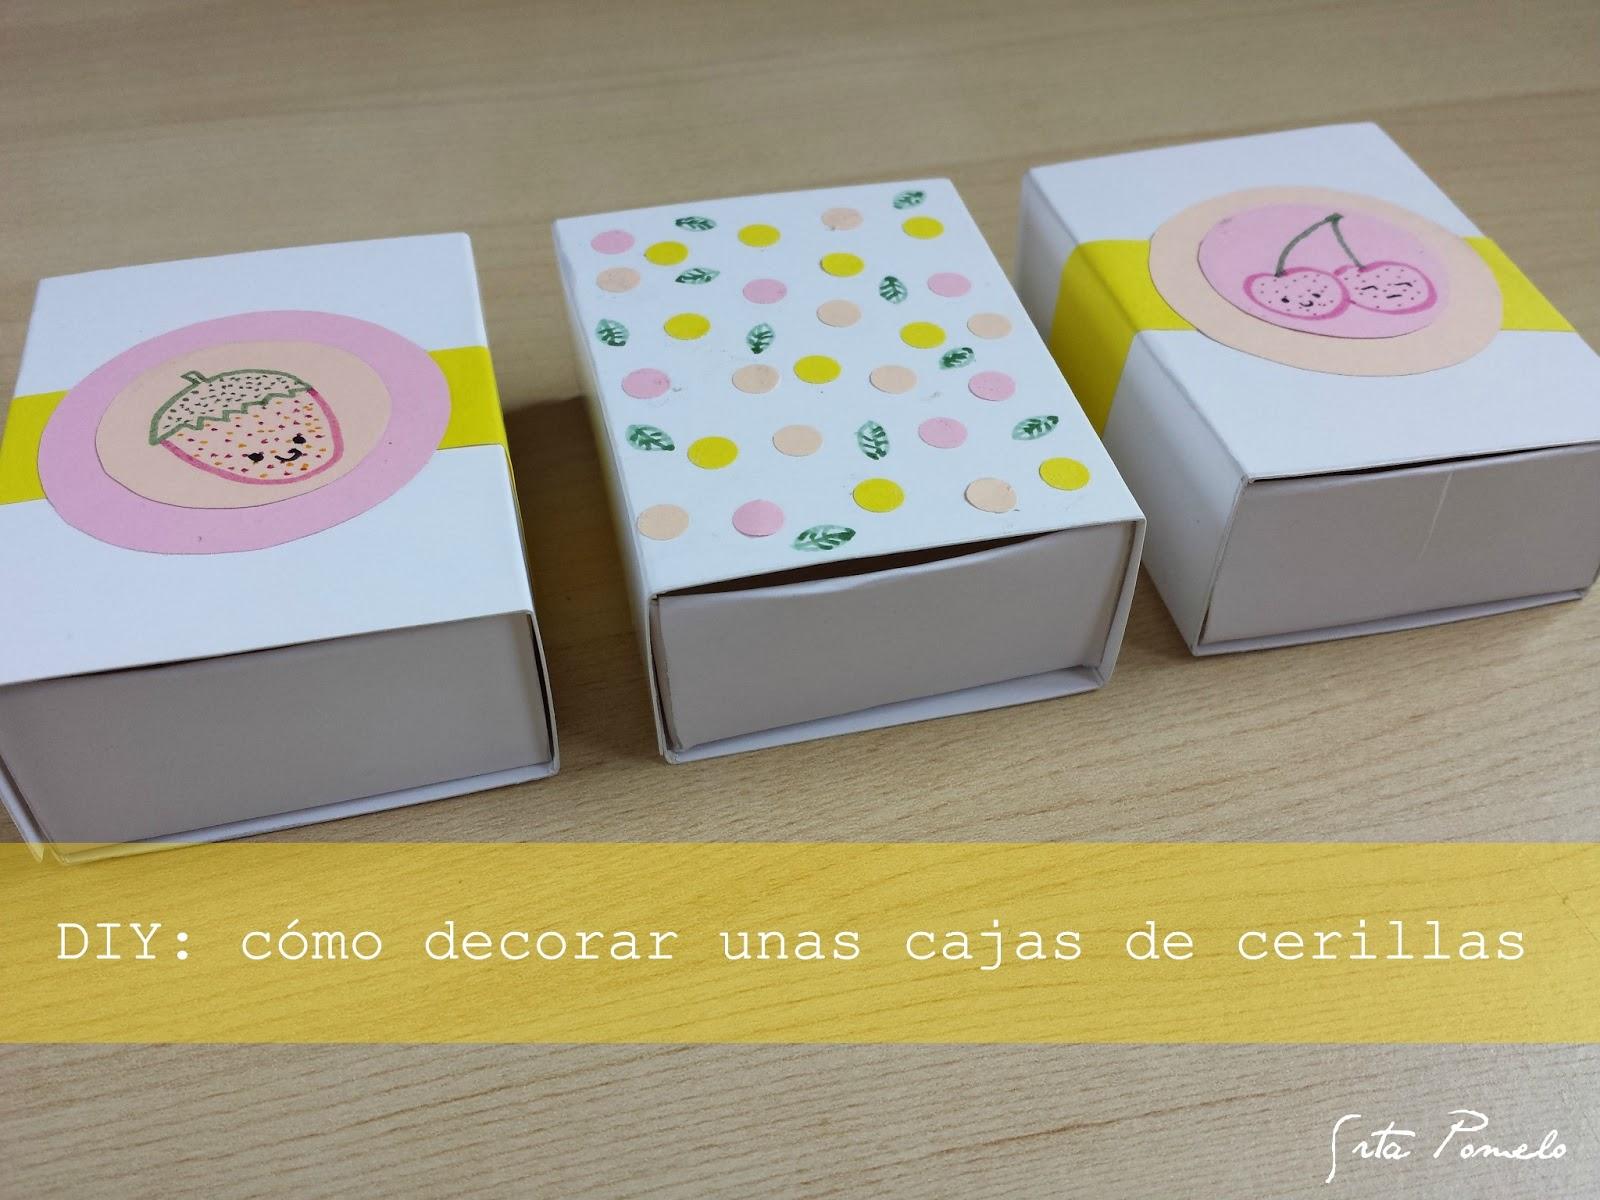 Srta Pomelo DIY cmo decorar unas cajas de cerillas